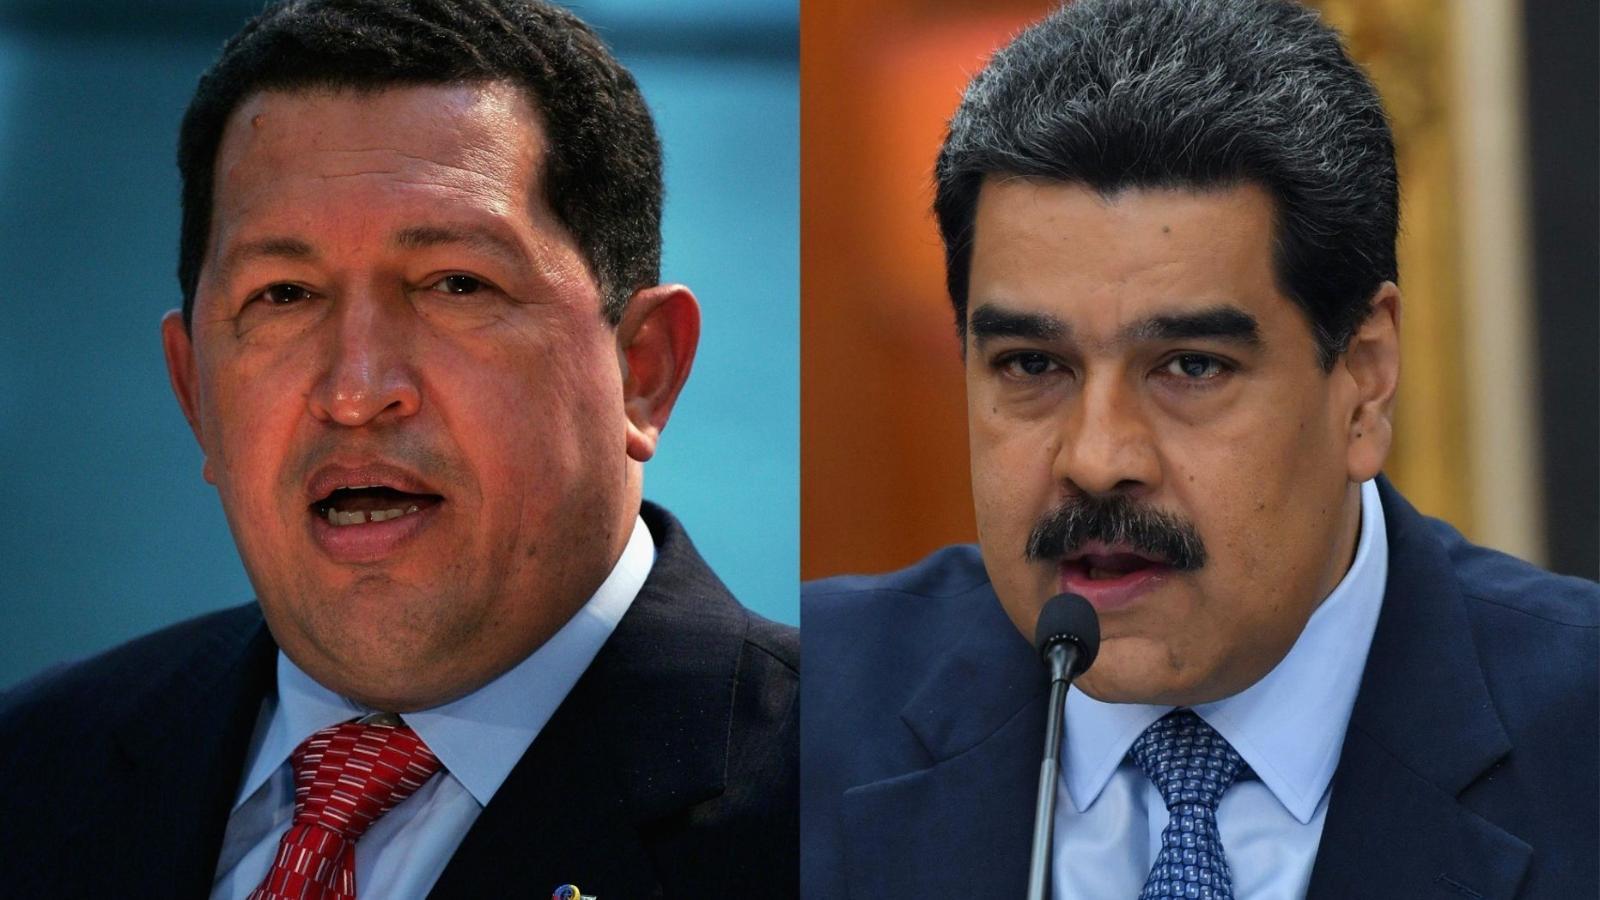 Jorge Ramos: Chávez era más carismático, Maduro es sencillamente un dictadorzuelo